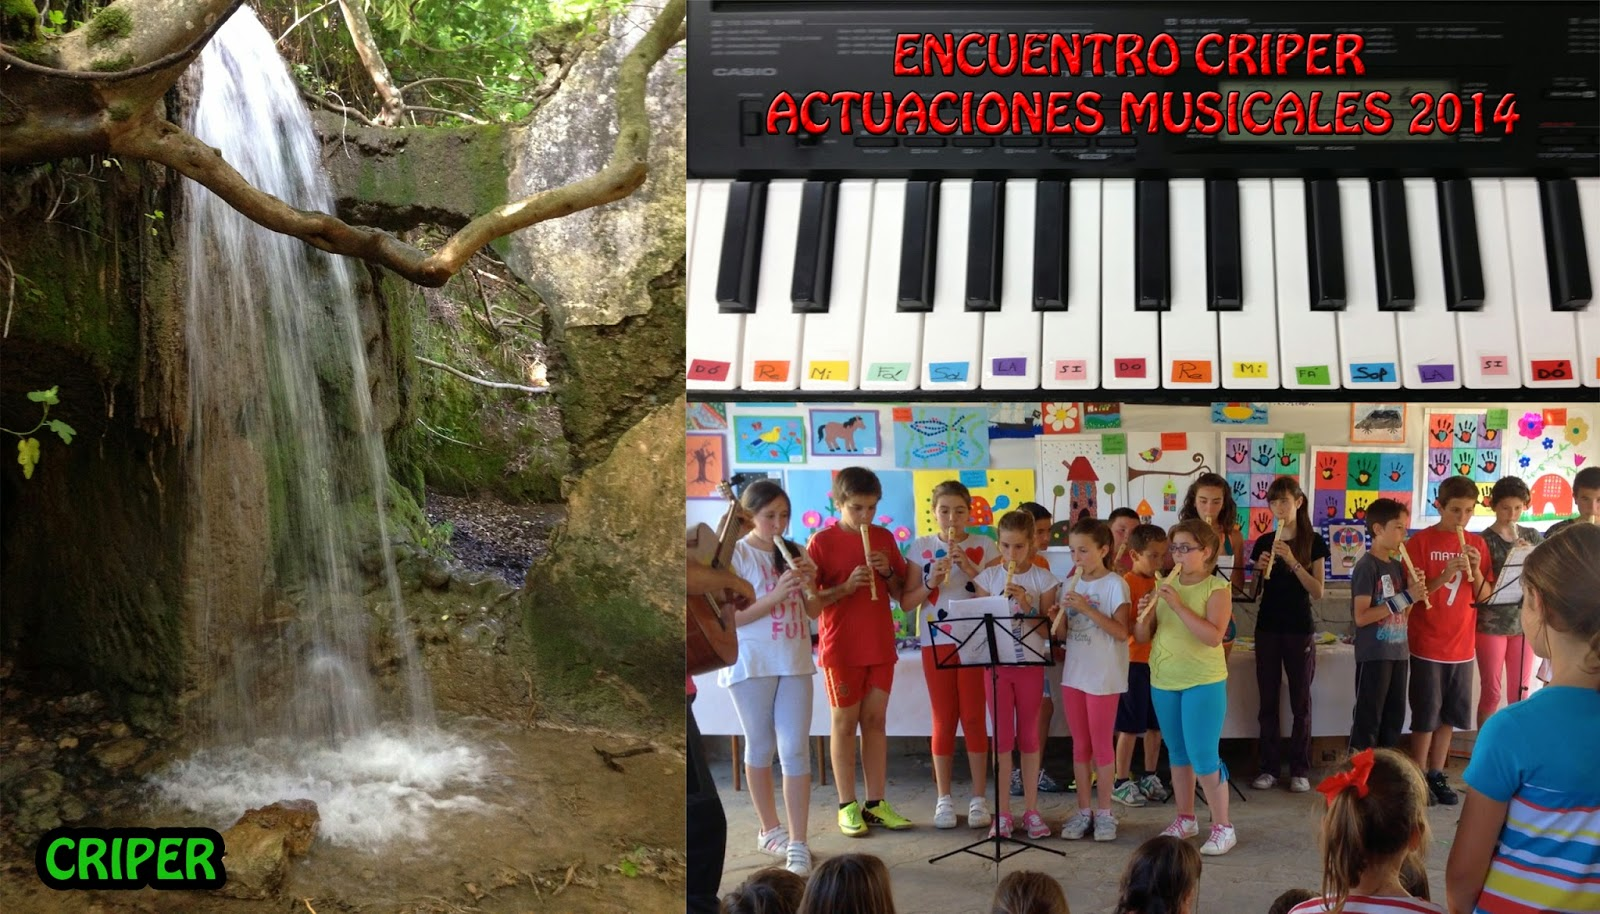 Actuaciones Musicales en el Encuentro Criper Nº XXVI